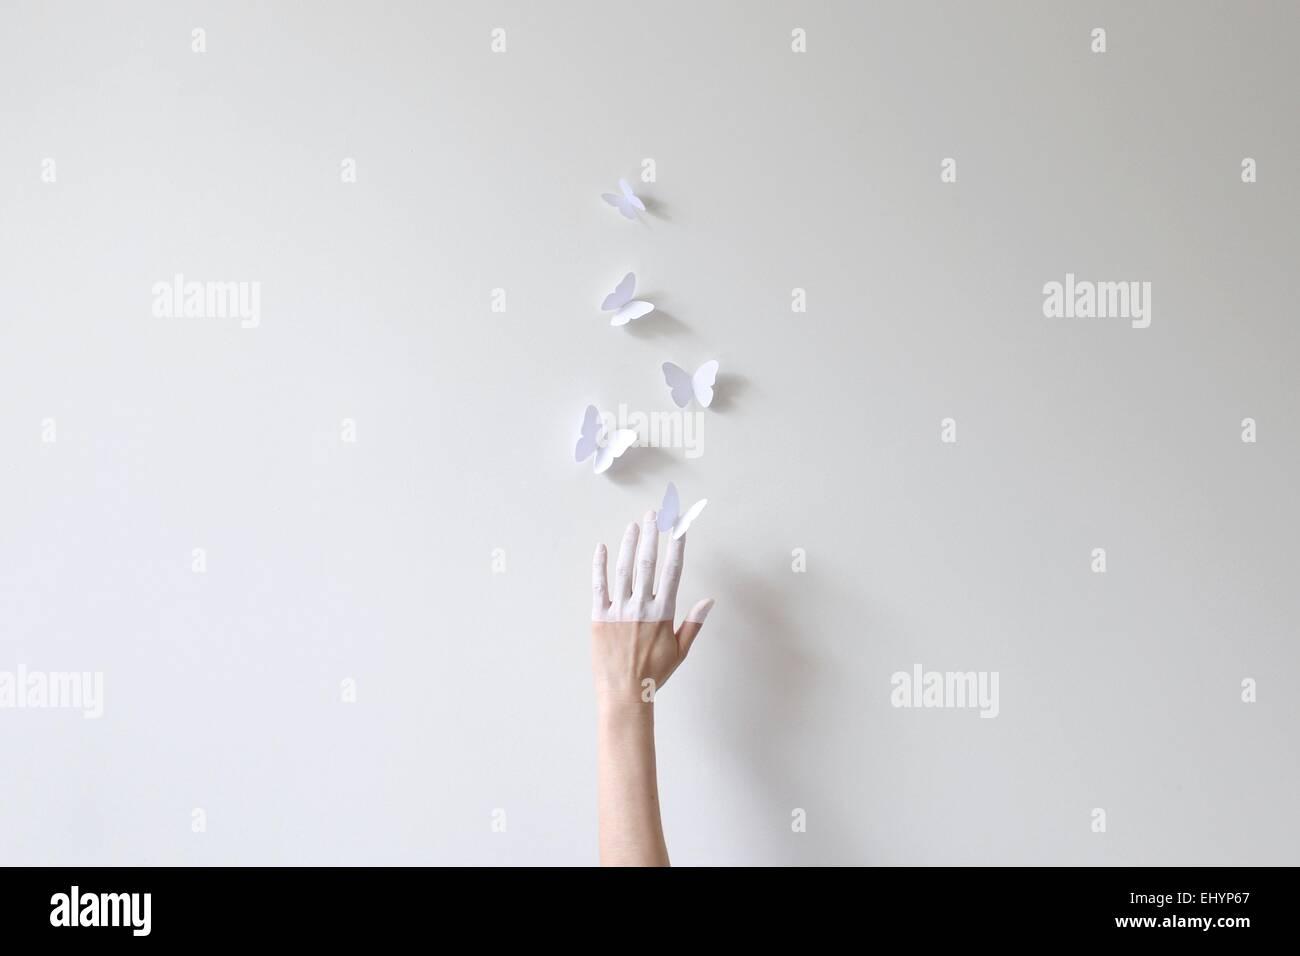 Una mano metà dipinta di bianco per raggiungere farfalle di carta contro il muro bianco Immagini Stock